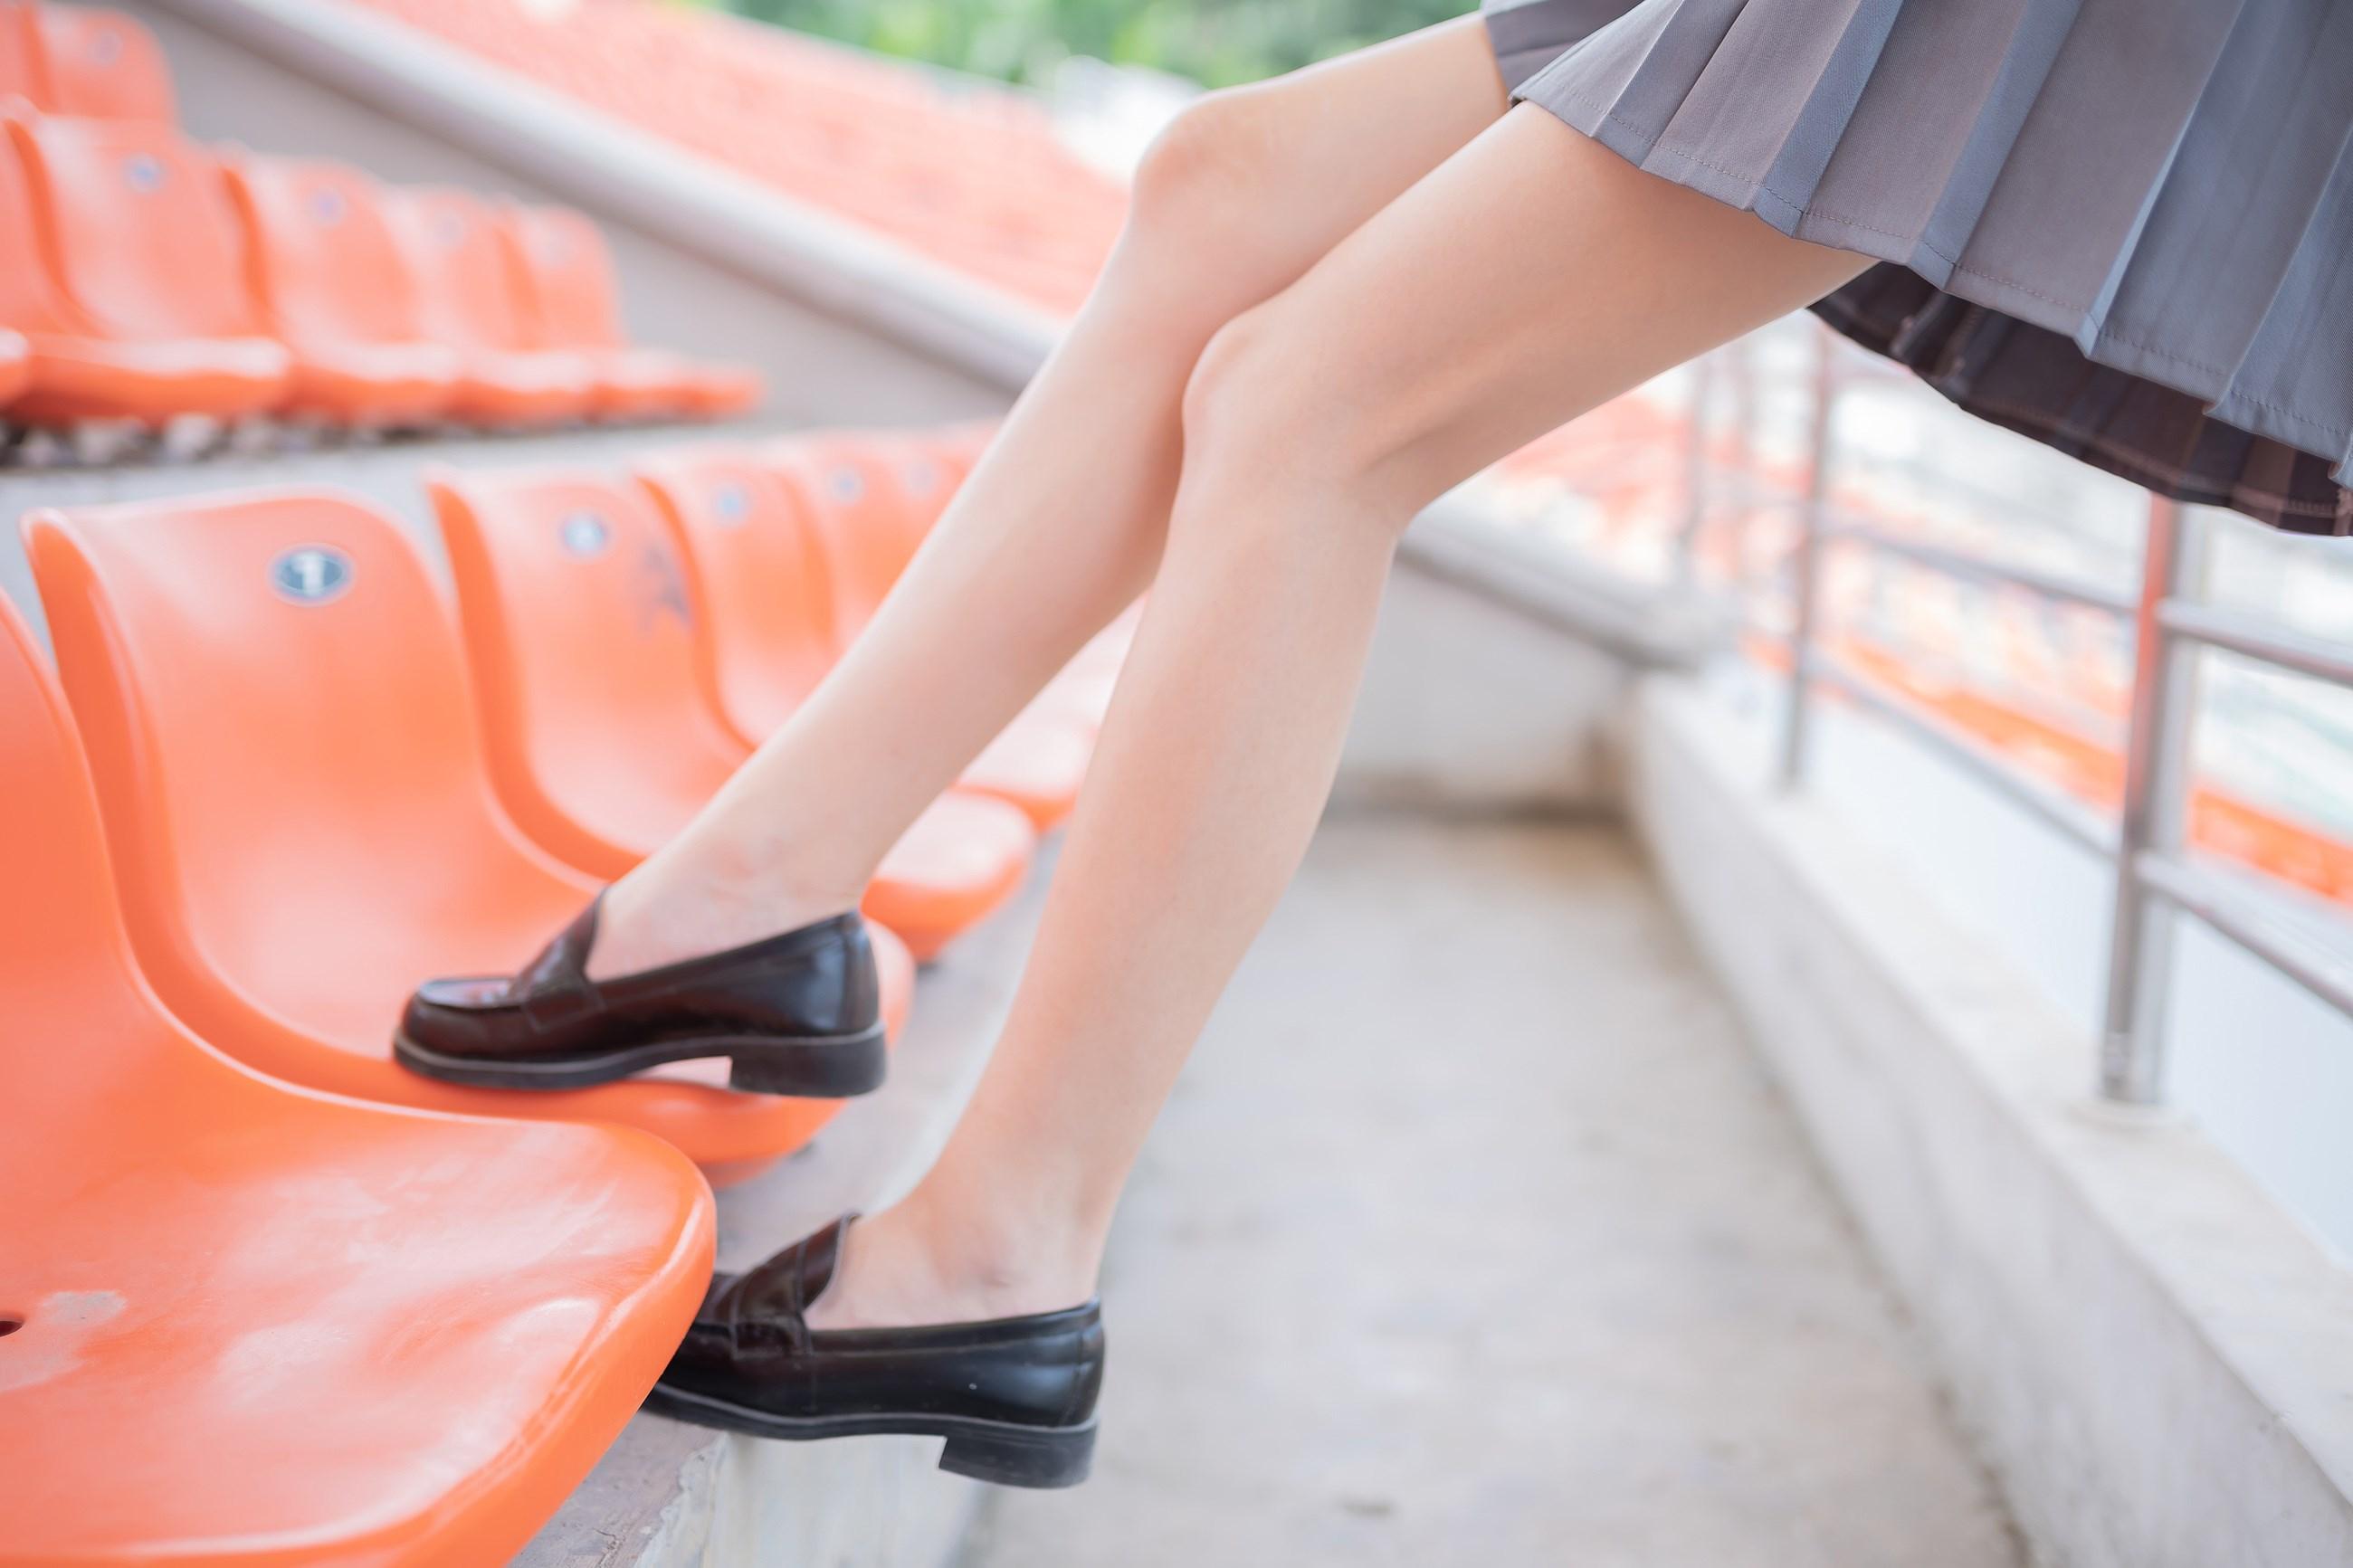 【兔玩映画】看台上的果腿少女 兔玩映画 第26张